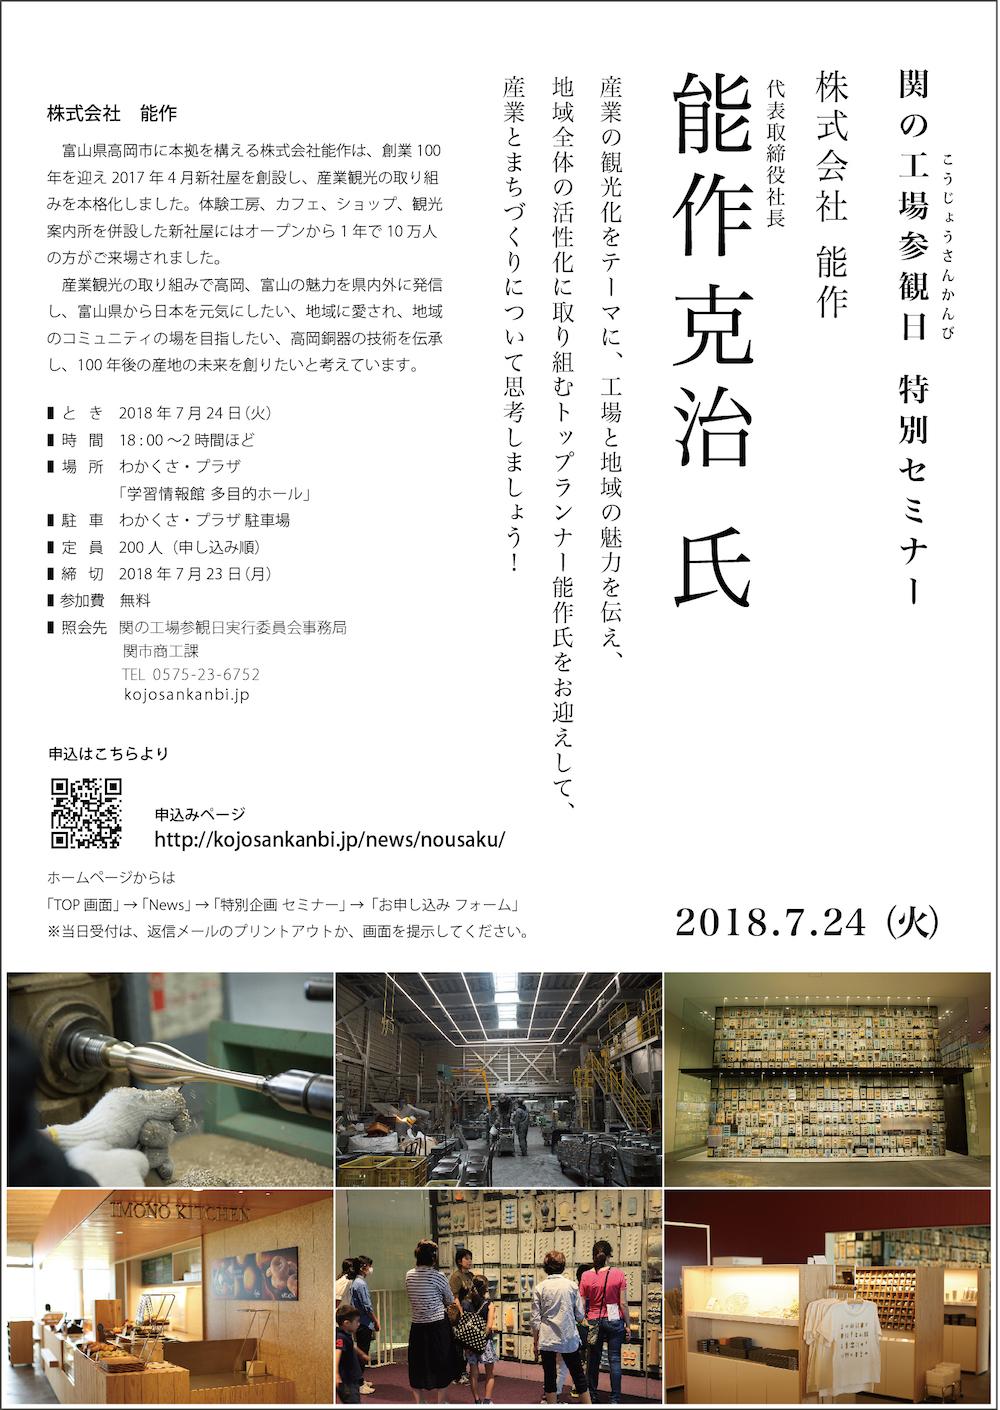 株式会社能作 関の工場参観日特別セミナー